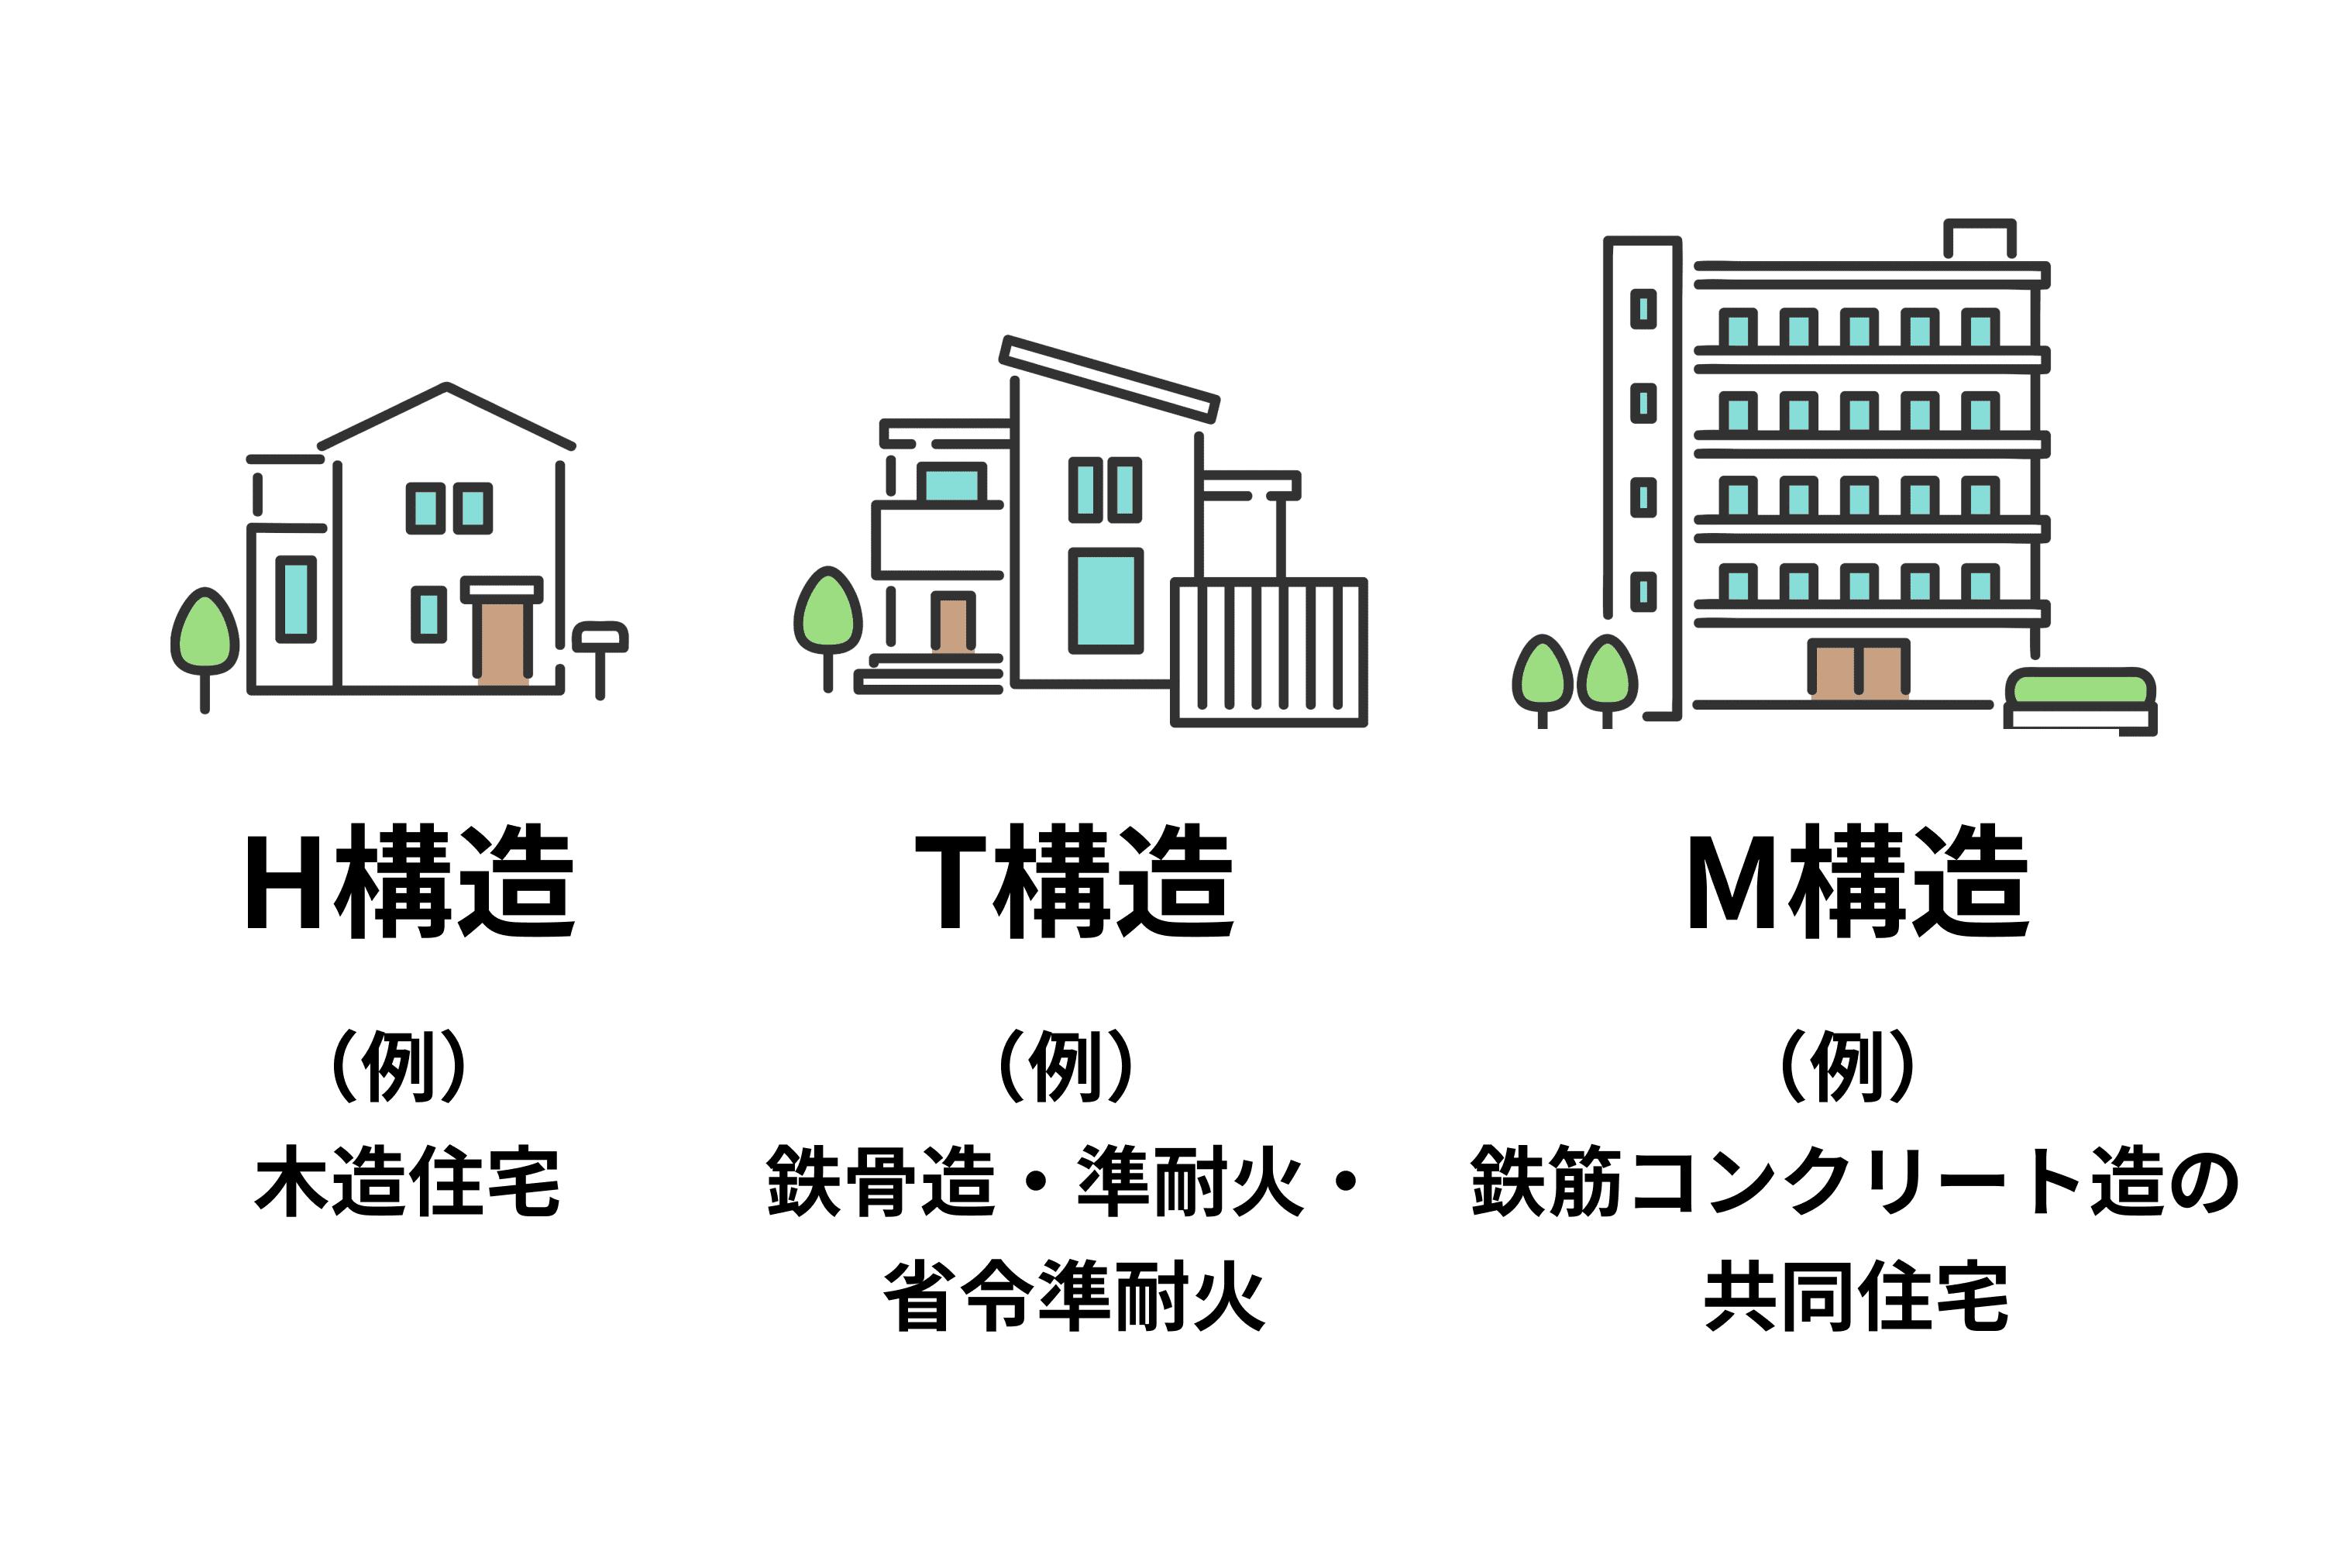 M構造(例)木造住宅、M構造(例)コンクリート鉄骨造一戸建て、T構造(例)コンクリート等の共同住宅